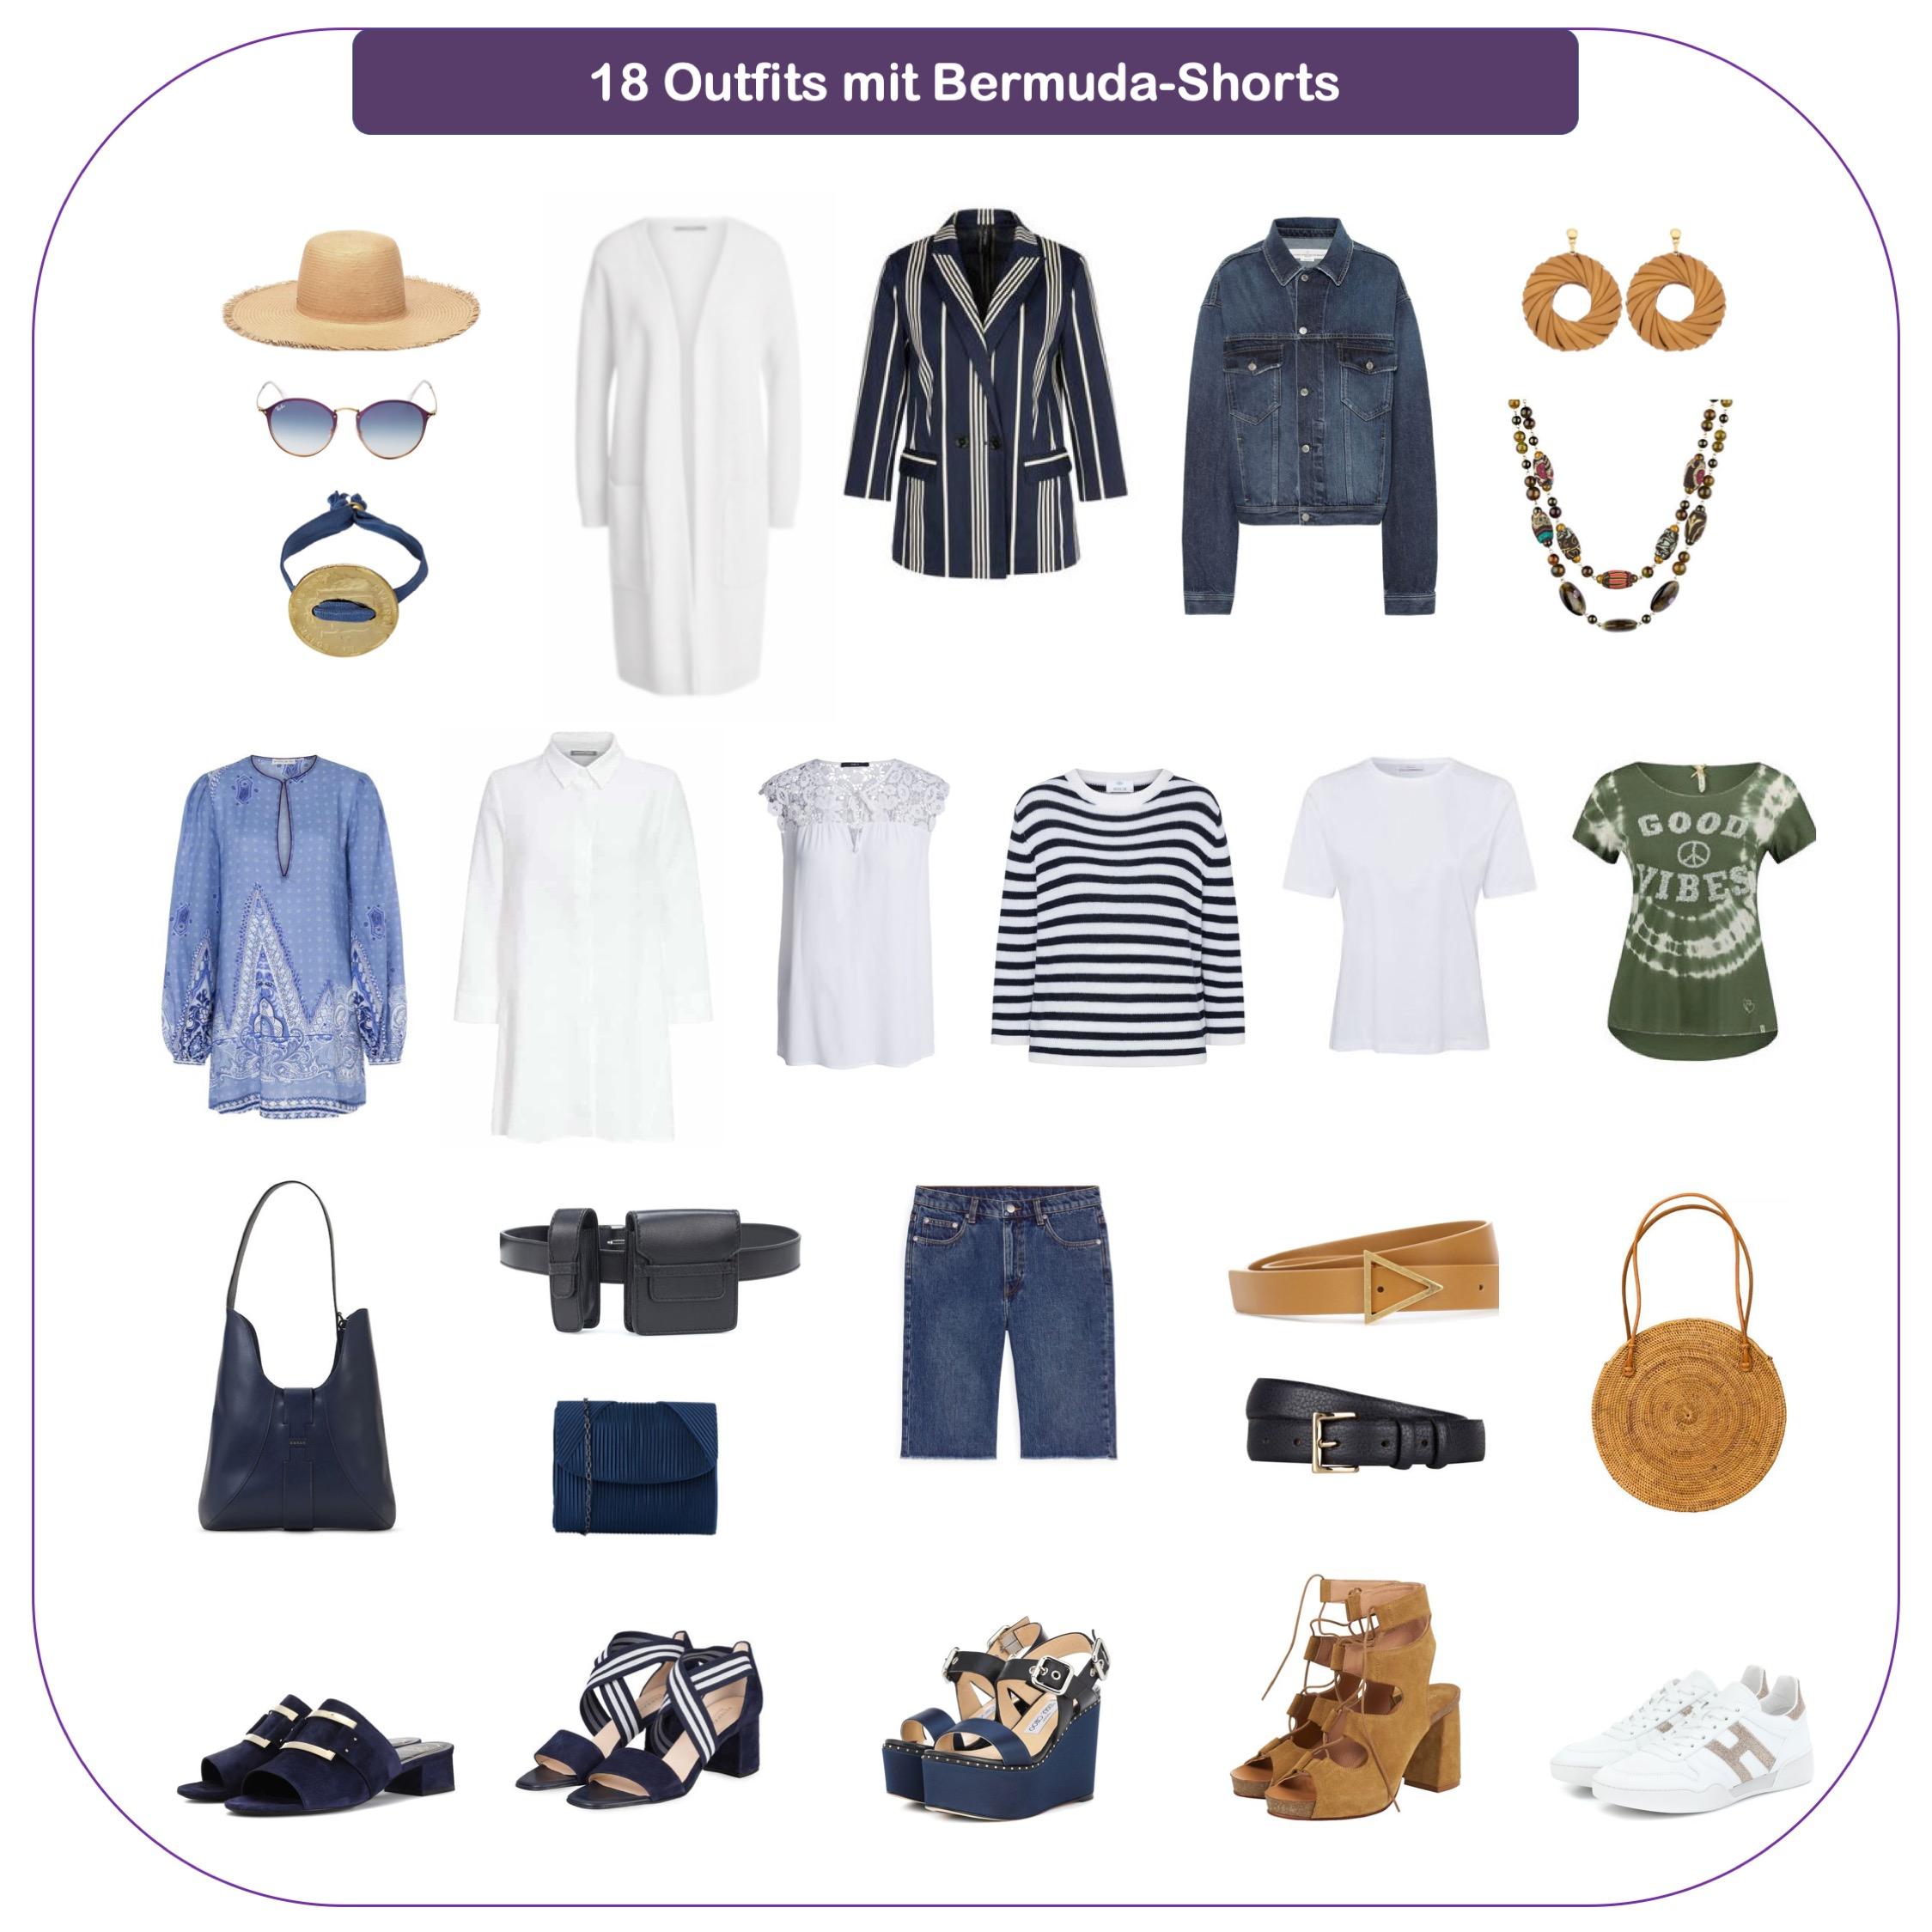 Bermuda-Shorts kombinieren - Outfits mit Jeans-Bermudas